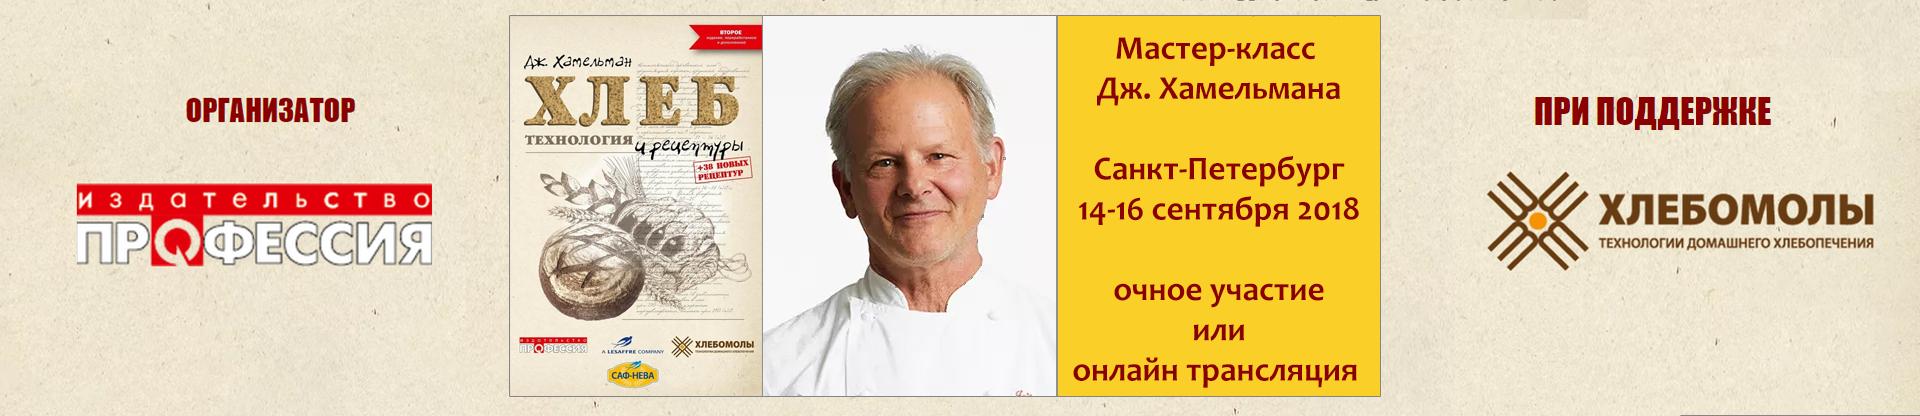 Мастер-класс Дж. Хамельмана Санкт-Петербург